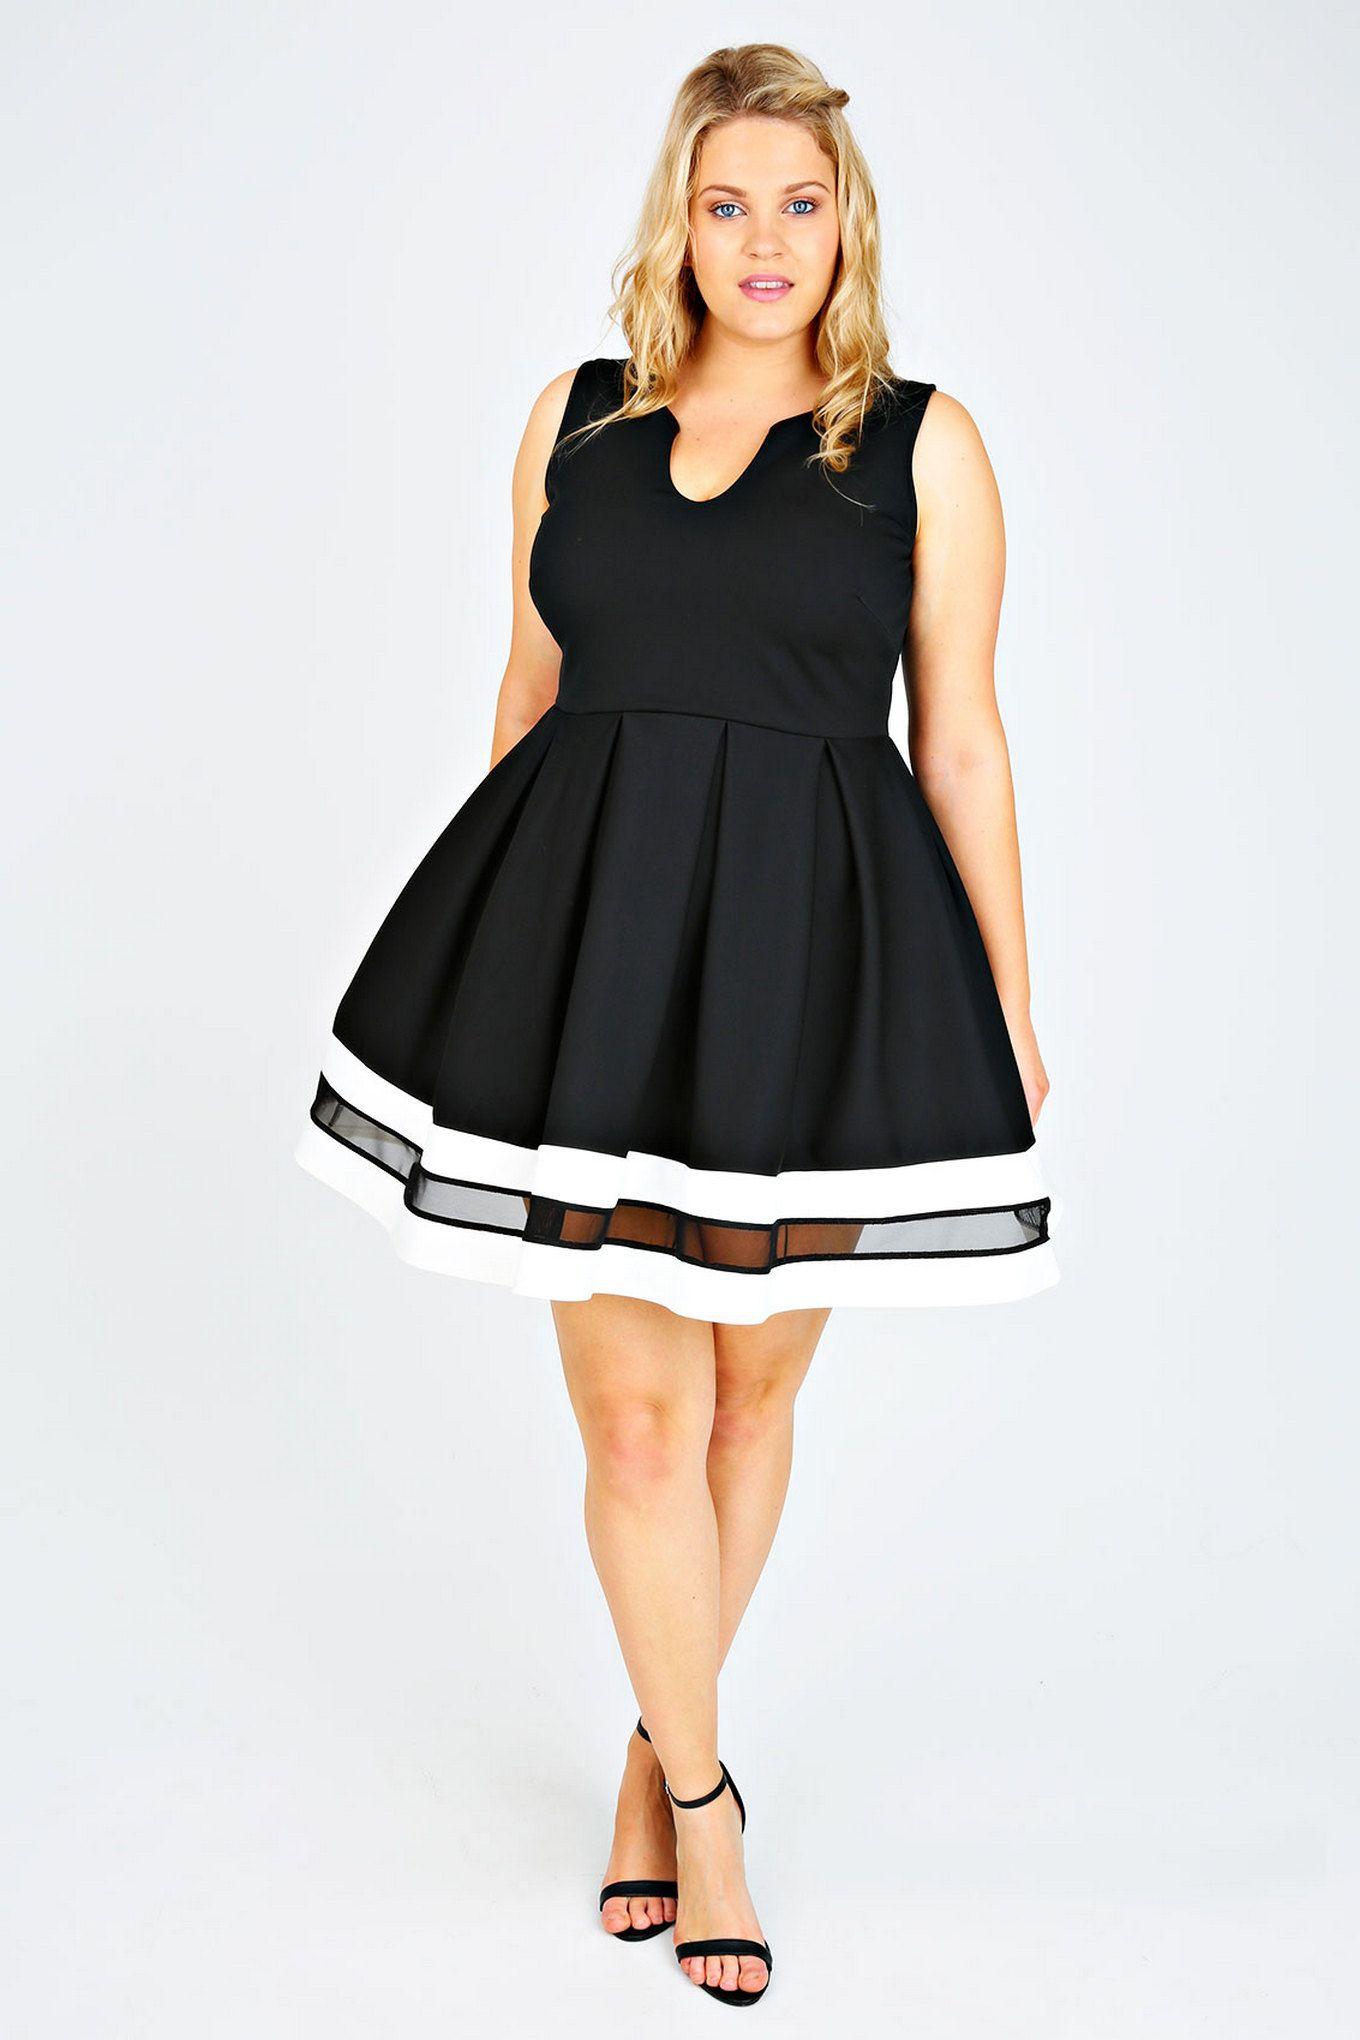 30 The Evolution of skater dress black and white | Event Dress ...